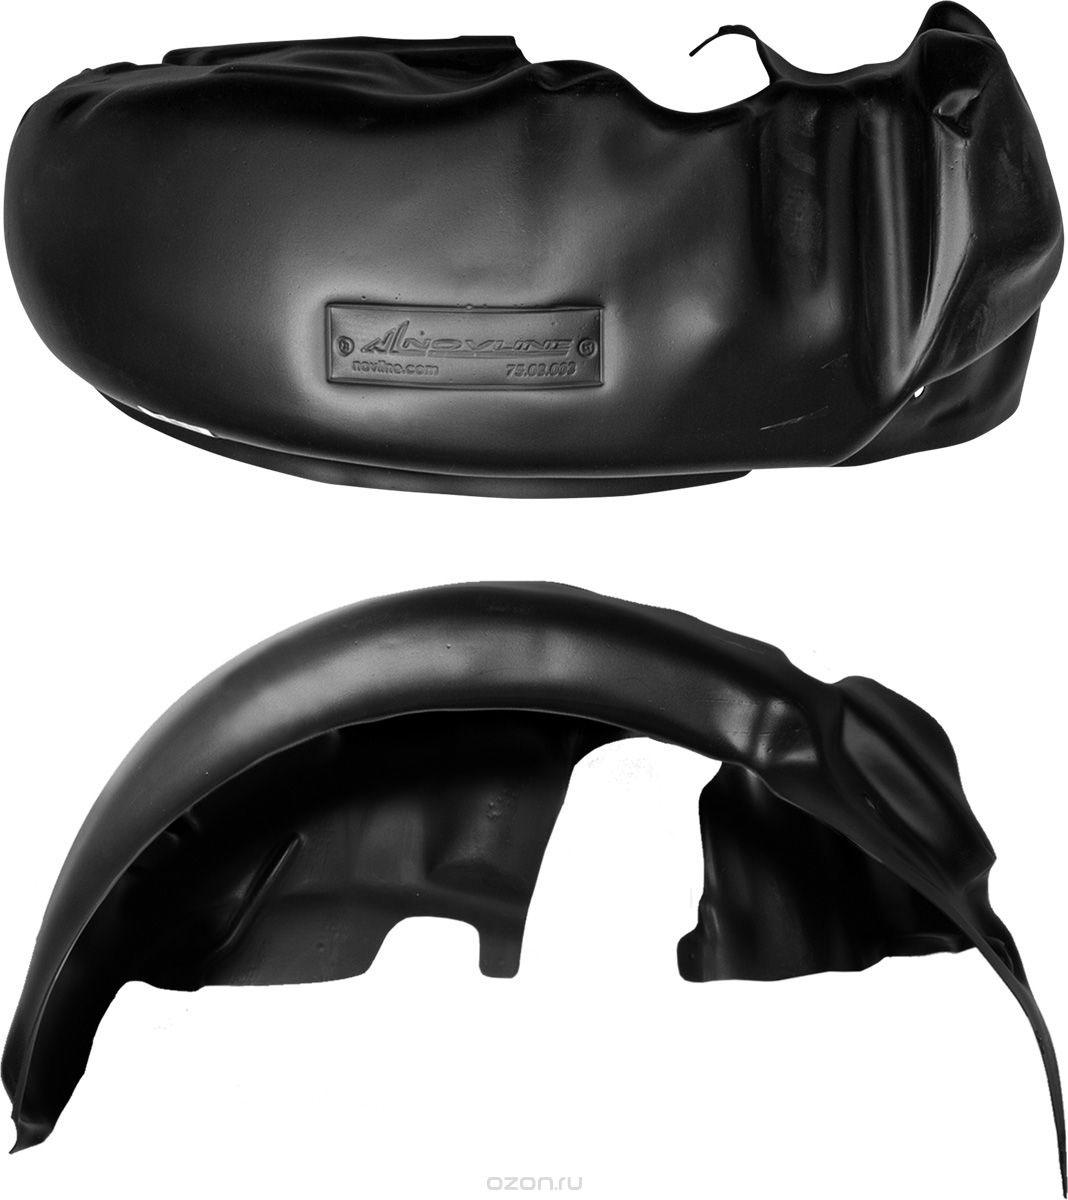 Подкрылок Novline-Autofamily, для MAZDA CX-9 2007-2012, 2012->, передний правыйNLL.33.16.002Идеальная защита колесной ниши. Локеры разработаны с применением цифровых технологий, гарантируют максимальную повторяемость поверхности арки. Изделия устанавливаются без нарушения лакокрасочного покрытия автомобиля, каждый подкрылок комплектуется крепежом. Уважаемые клиенты, обращаем ваше внимание, что фотографии на подкрылки универсальные и не отражают реальную форму изделия. При этом само изделие идет точно под размер указанного автомобиля.